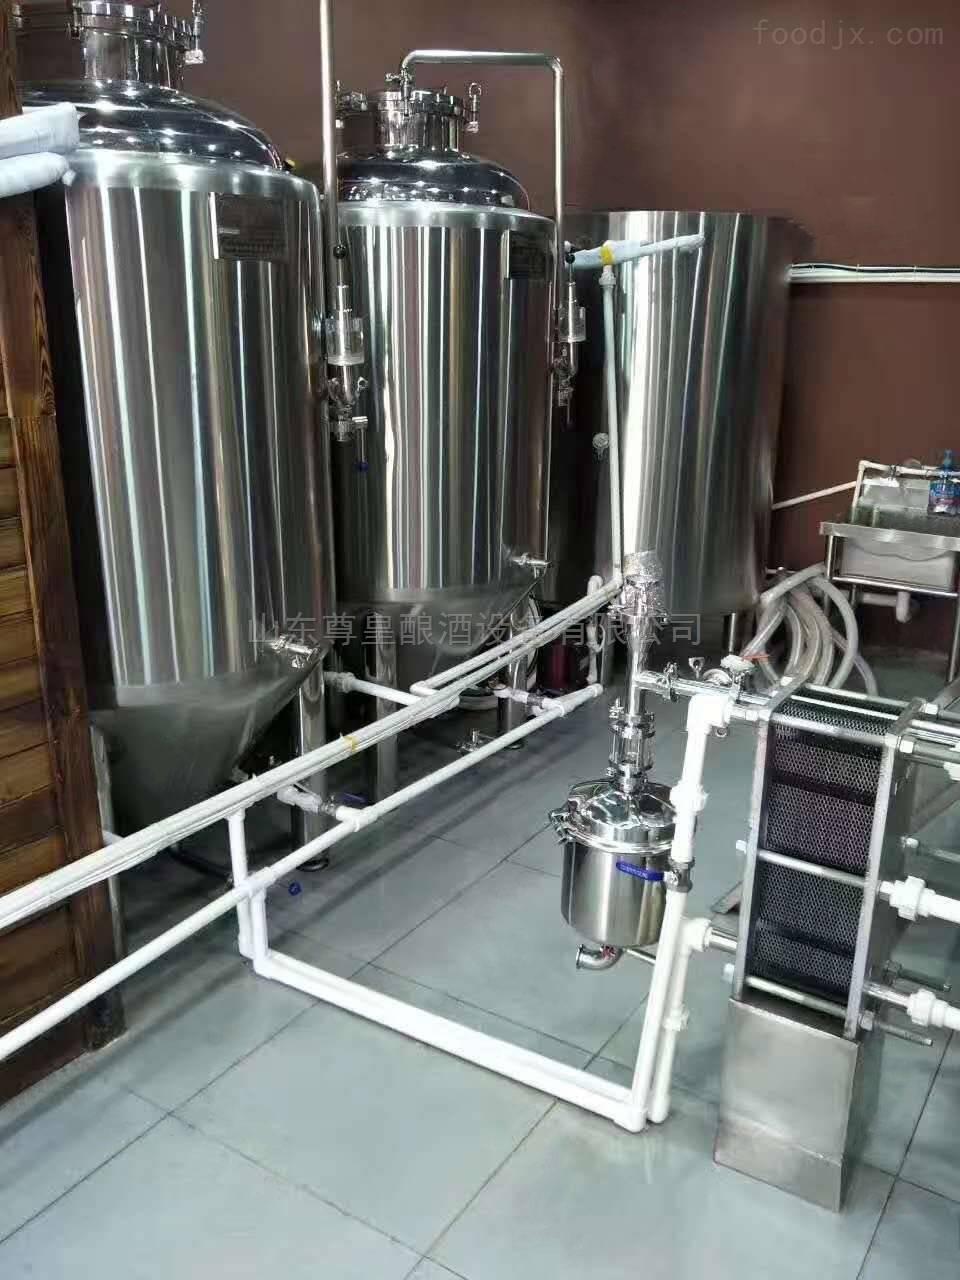 精酿啤酒设备工具-一套全新的精酿啤酒设备多少钱?-大麦丫-精酿啤酒连锁超市,工厂店平价酒吧免费加盟